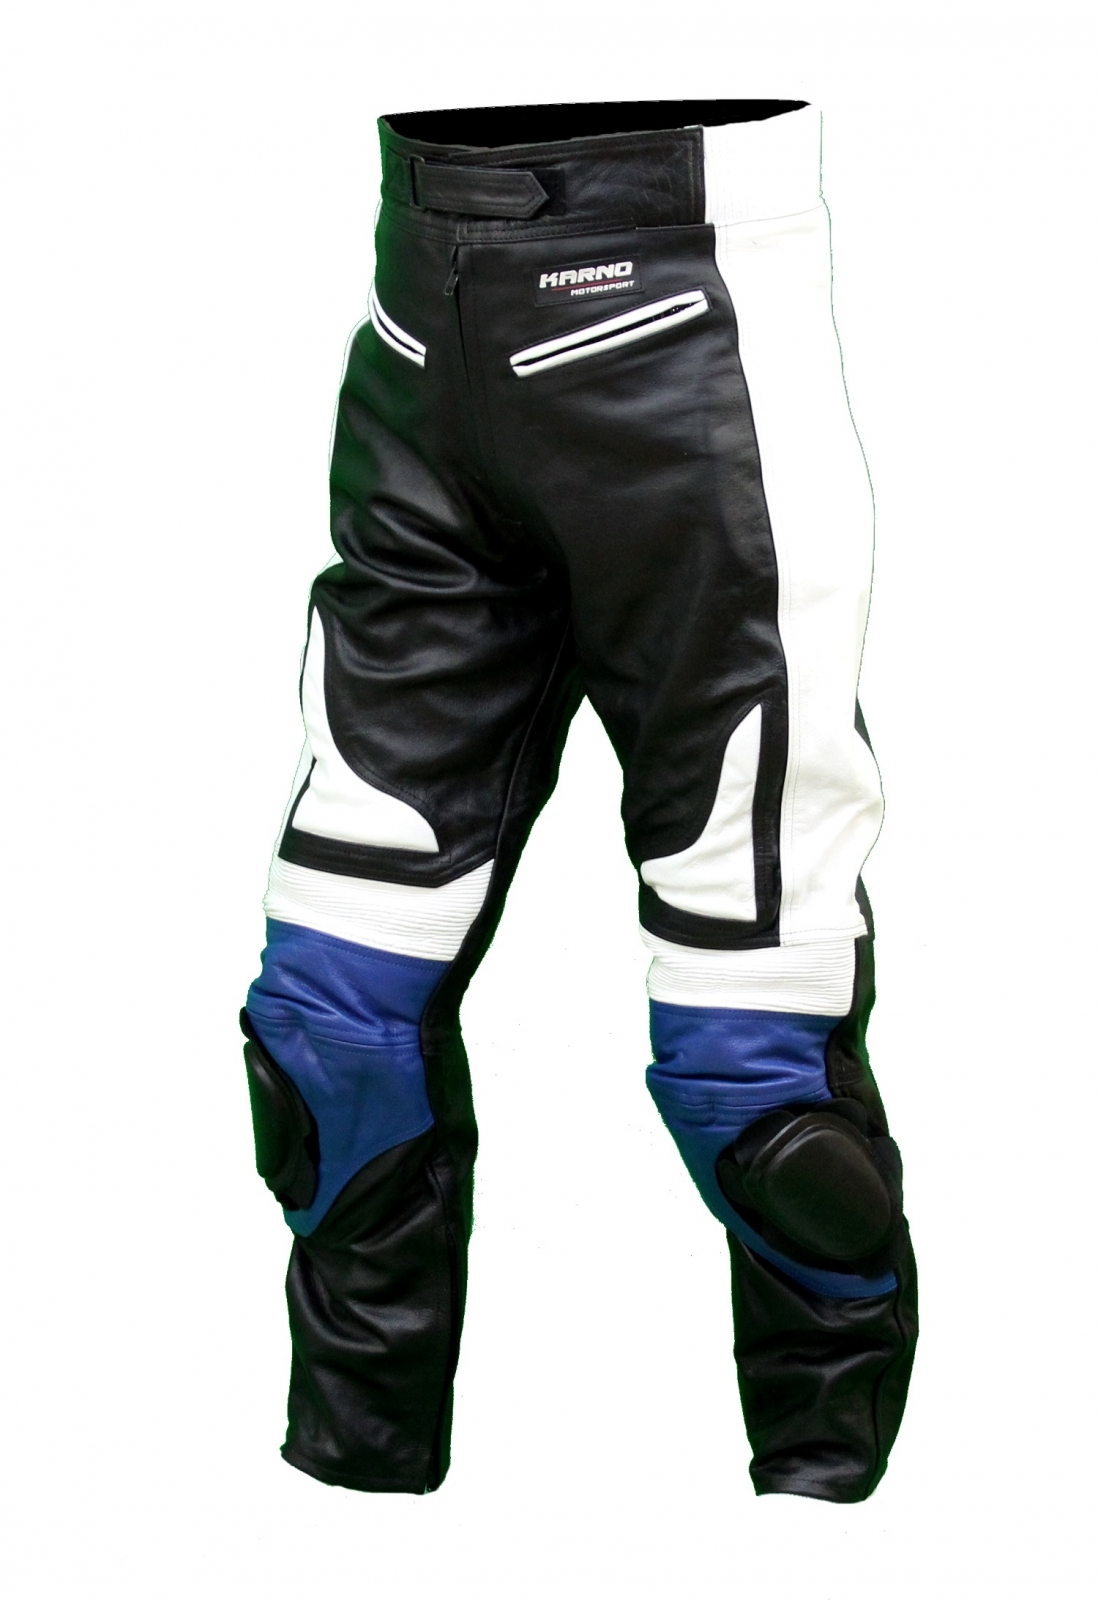 Motorsport Ou En Cuir LoisirVous Pantalons Moto Karno Racing 80vNnwymO